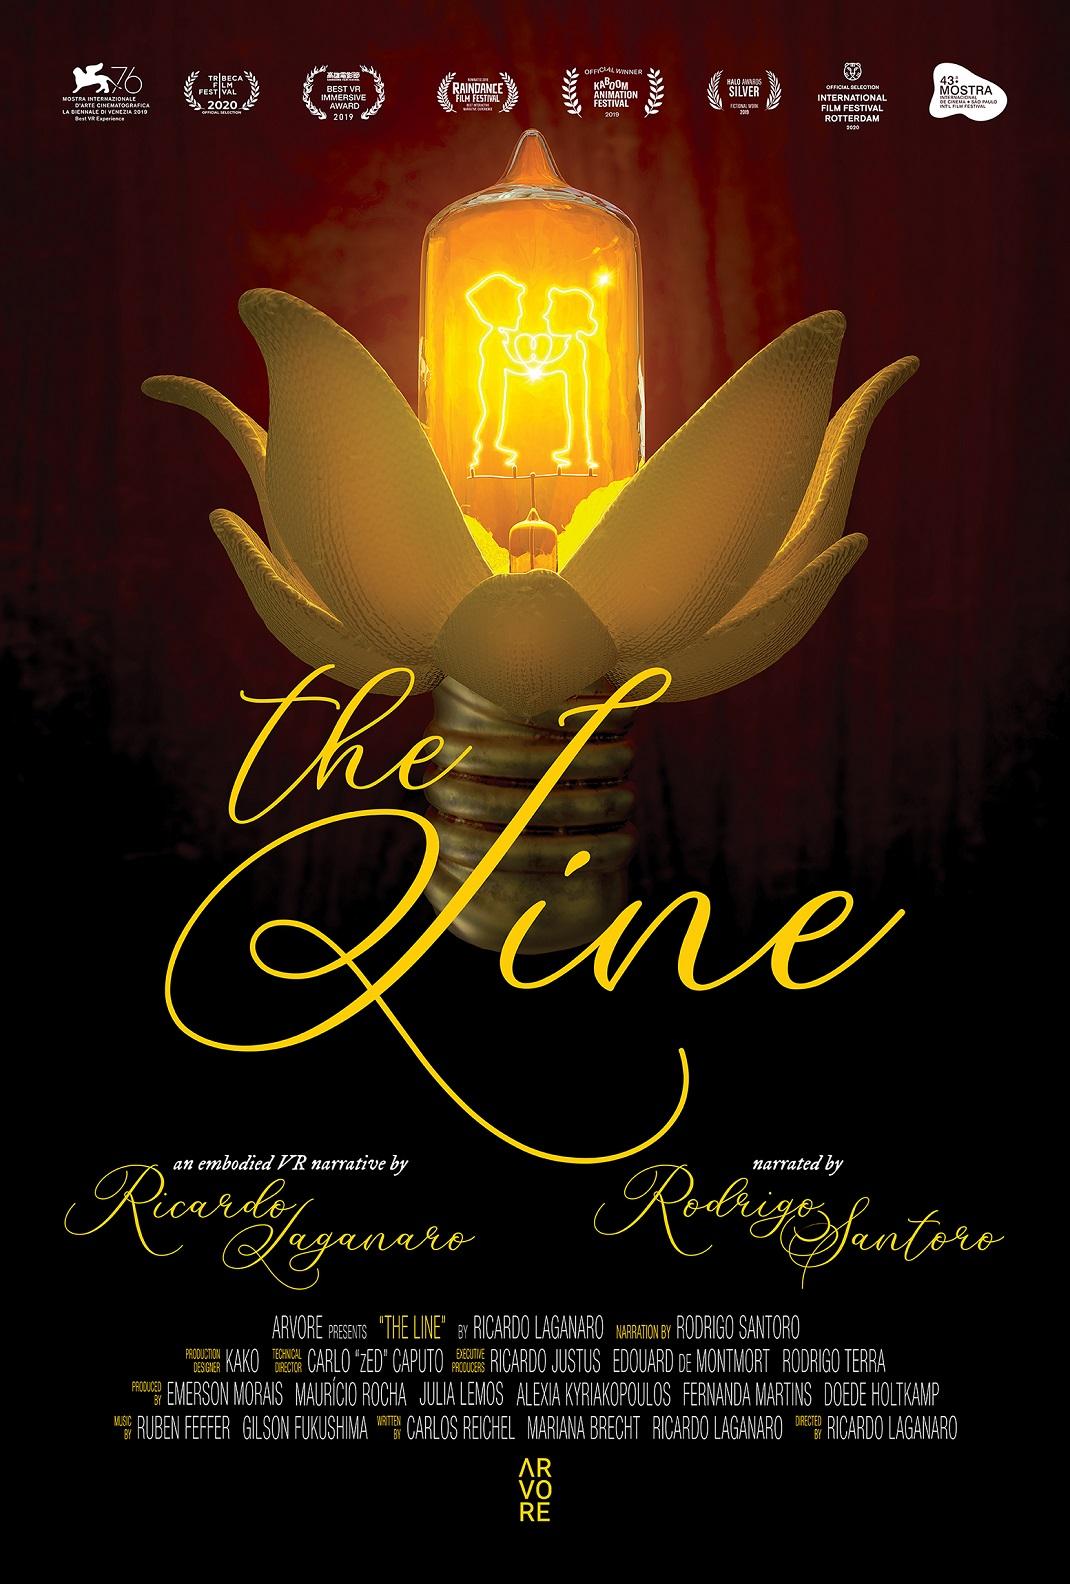 αφίσα της ταινίας the line